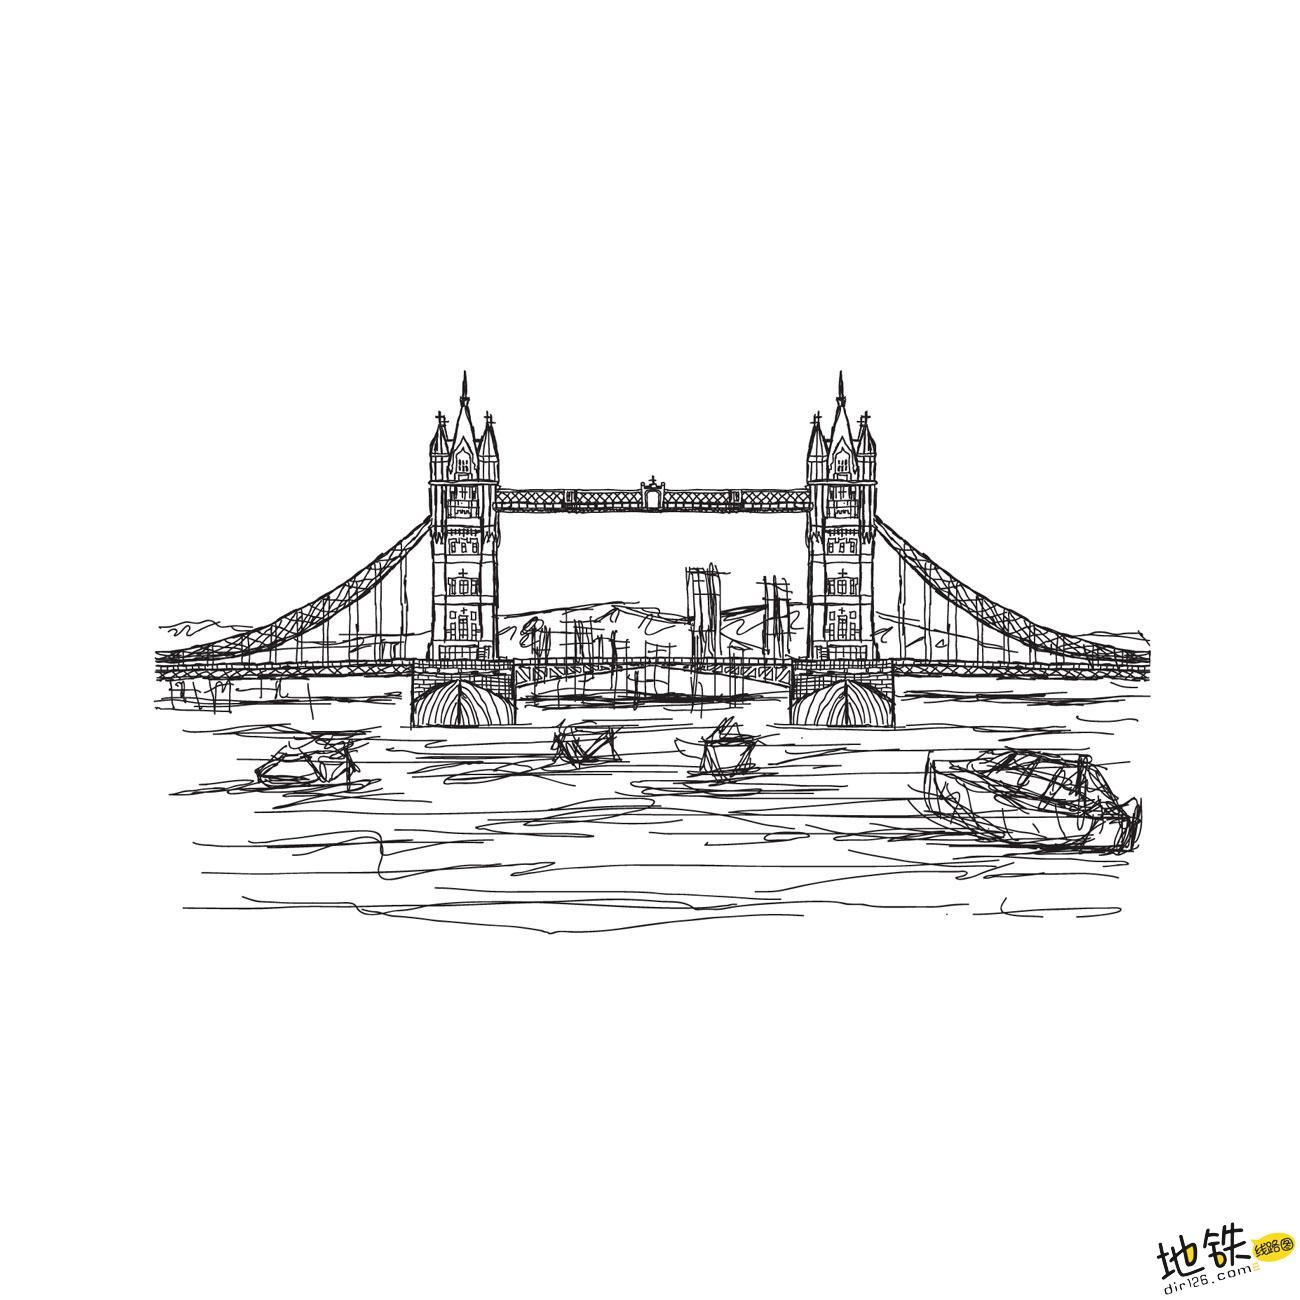 世界最早的地铁如何在伦敦建成 老鼠洞 查尔斯·皮尔逊 交通 伦敦地铁 英国伦敦 轨道知识  第1张